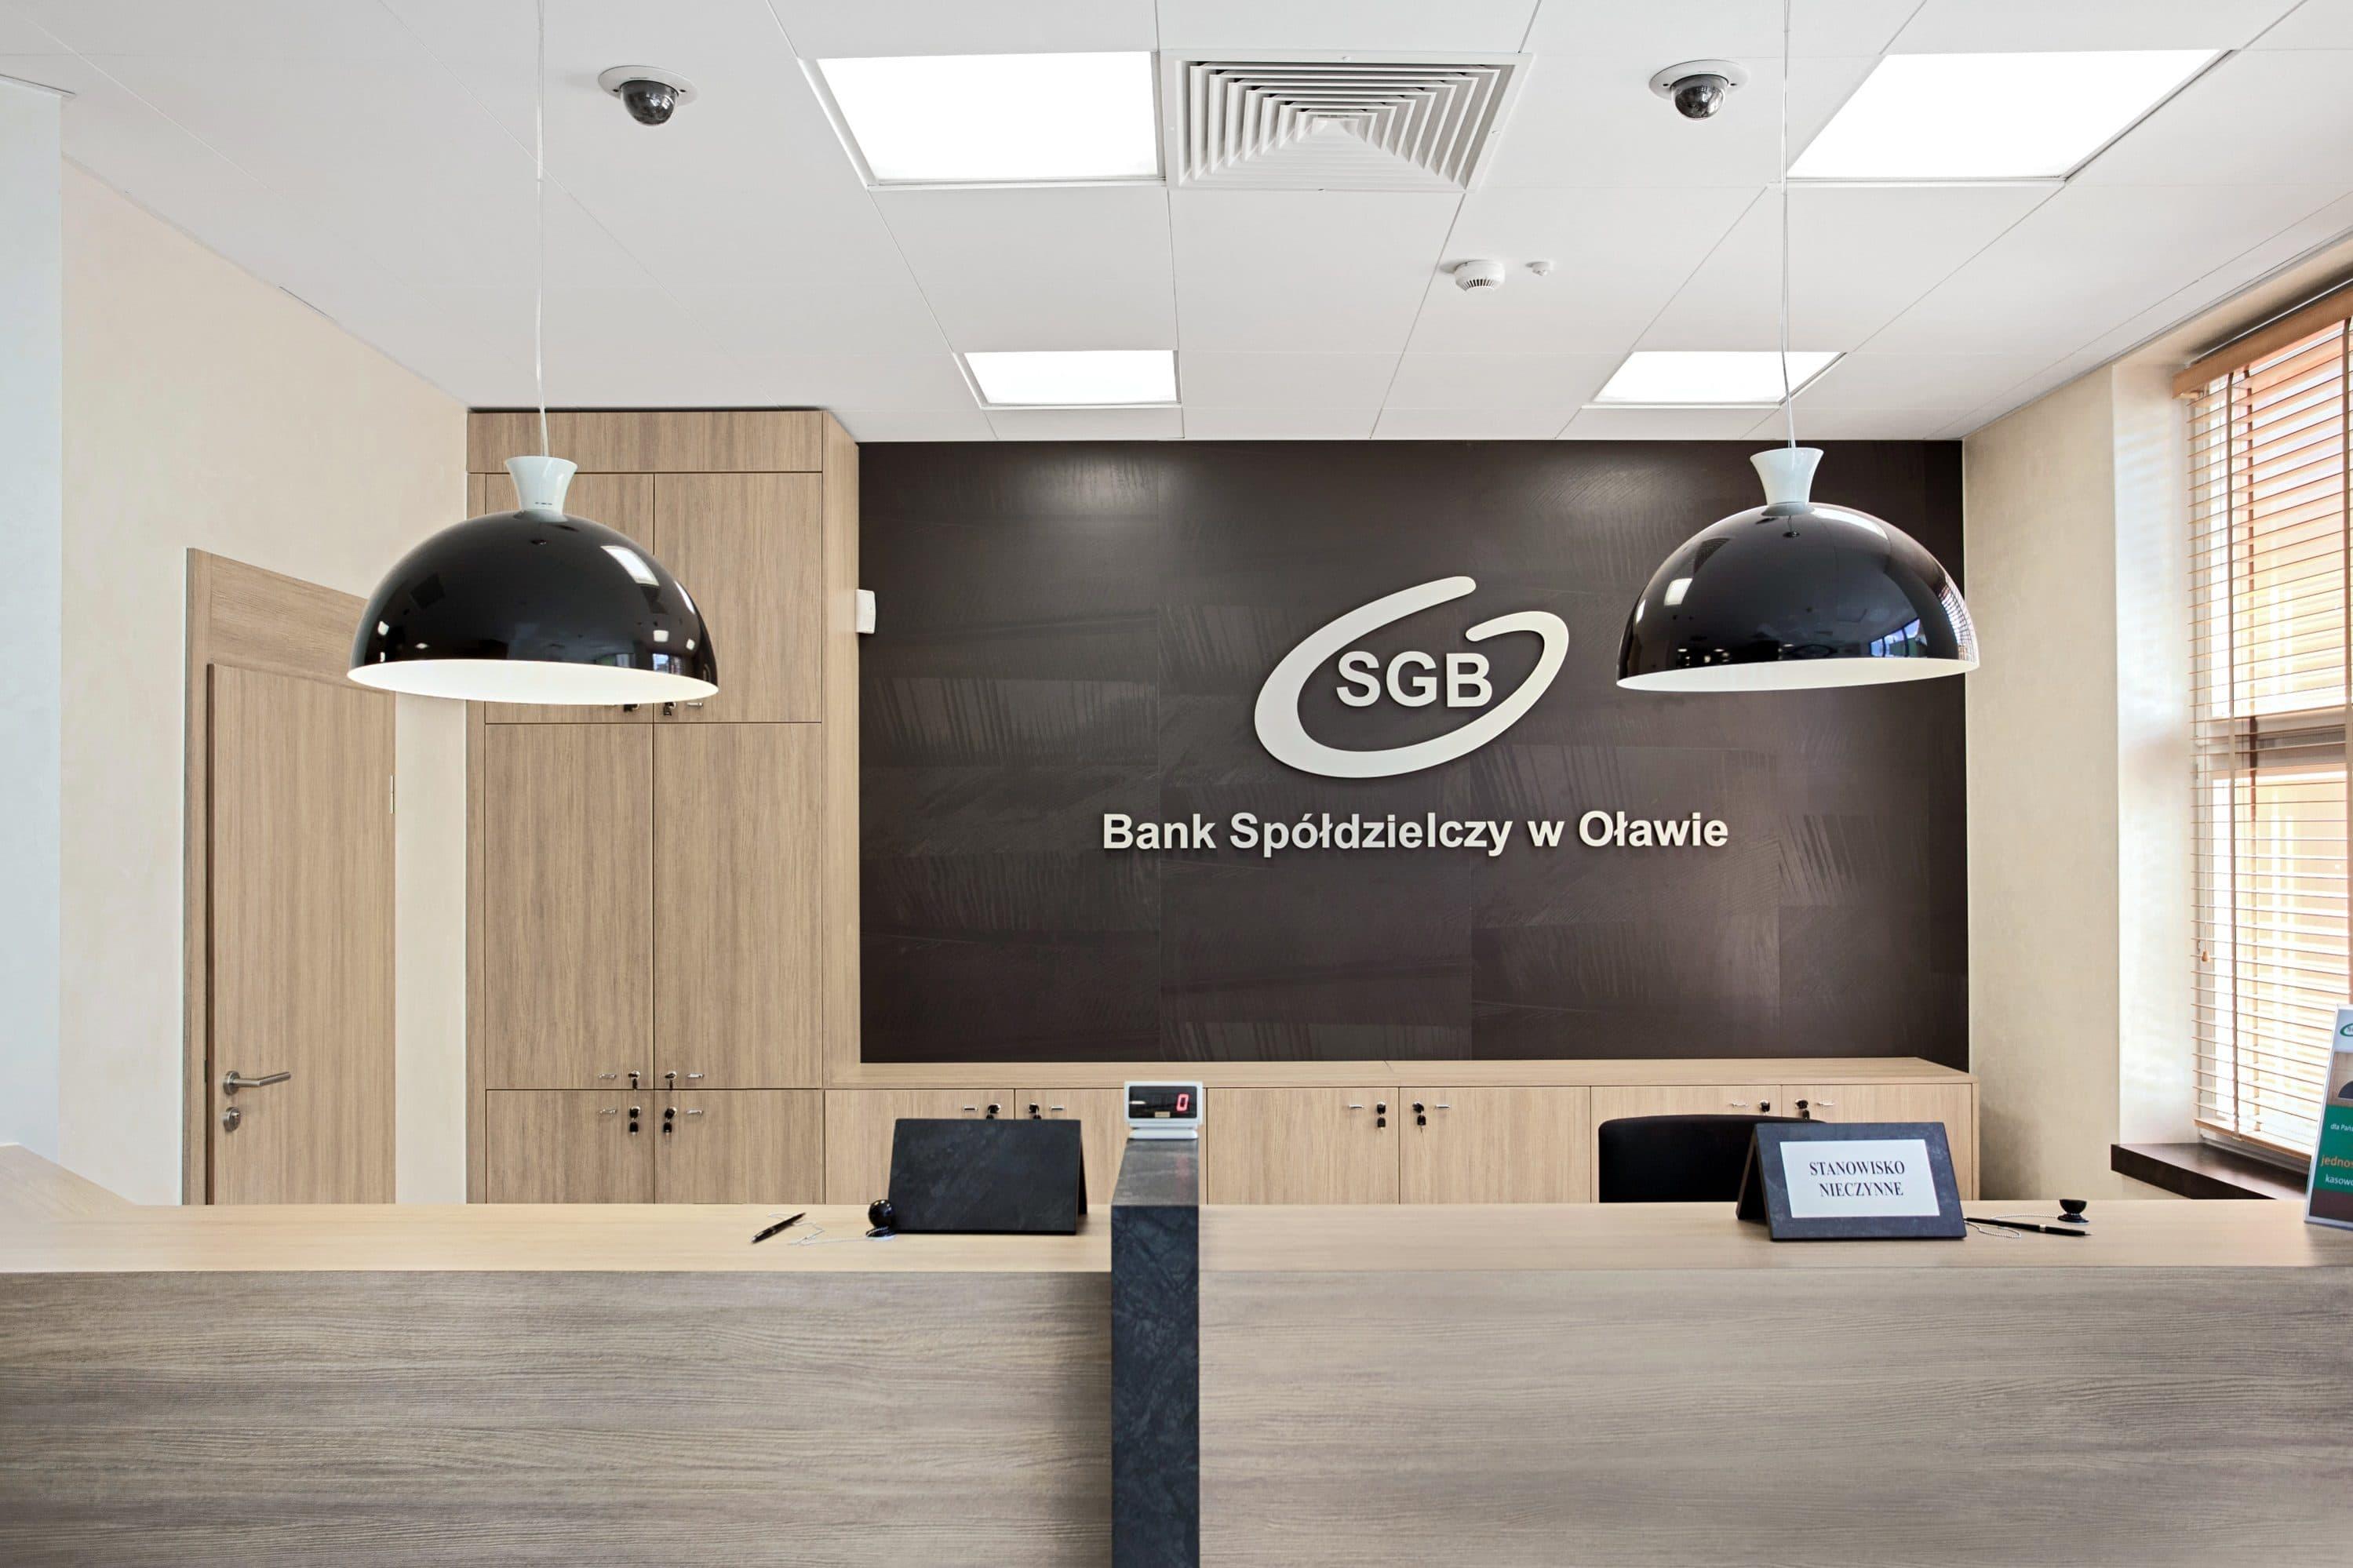 Oprawy biurowe Edge w punkcie obsługi klienta w banku Spółdzielczym w Oławie - Luxon LED